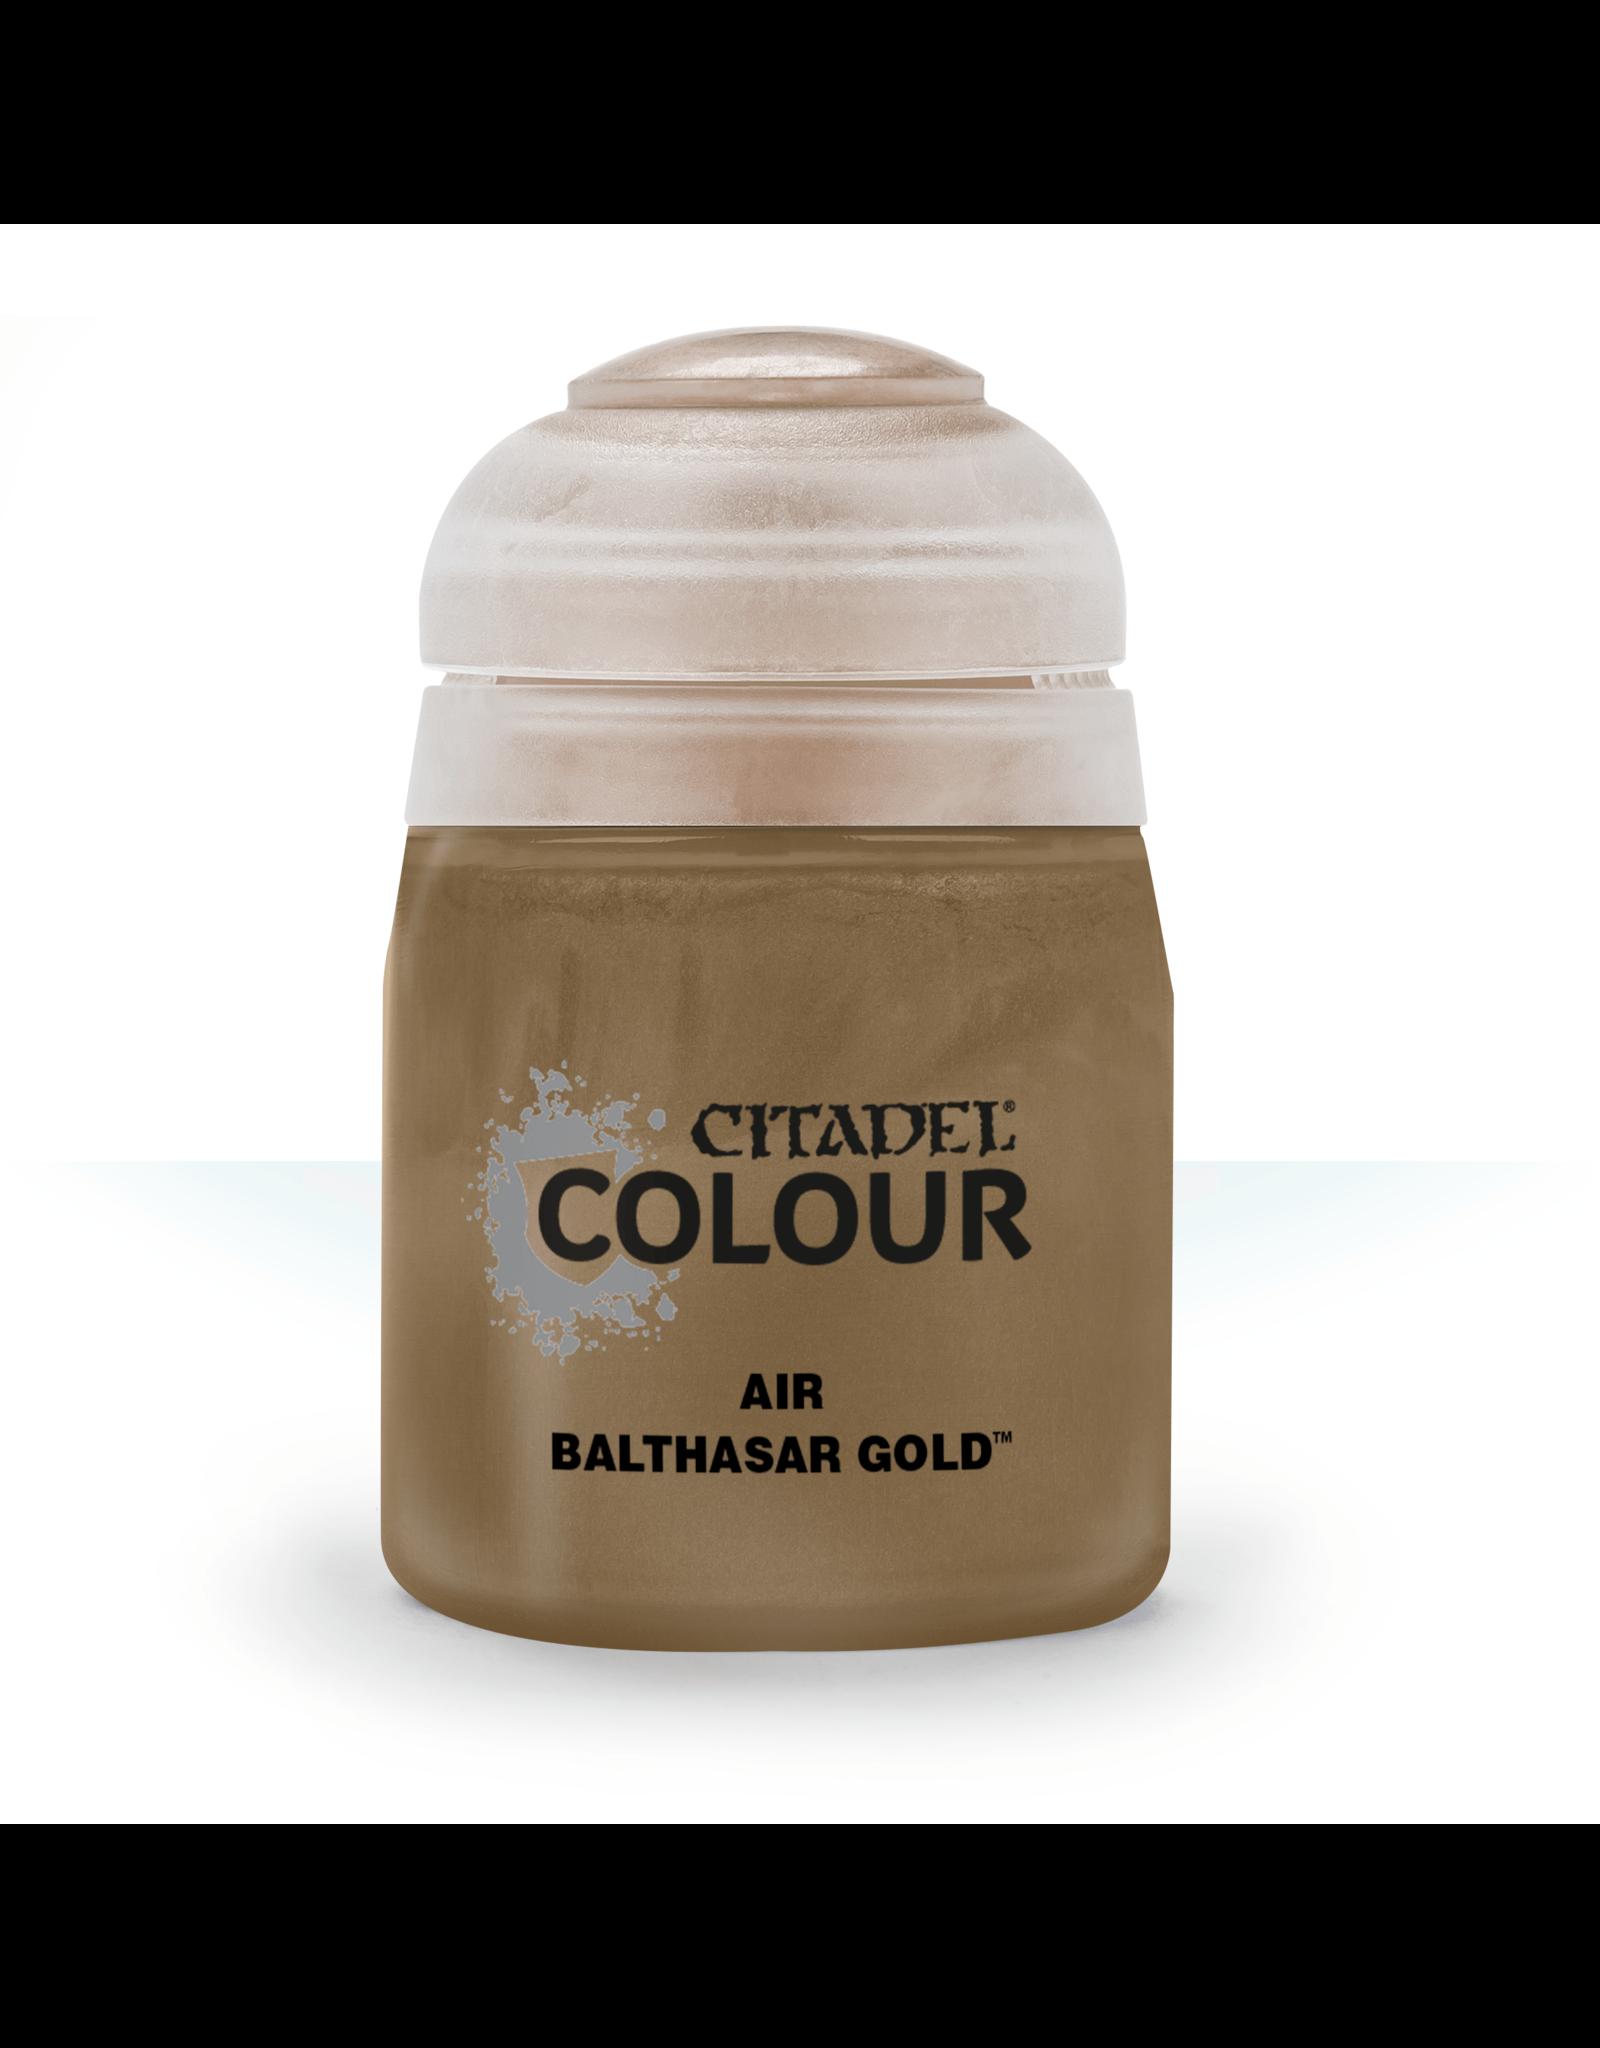 Citadel Citadel Paints: Air - Balthasar Gold